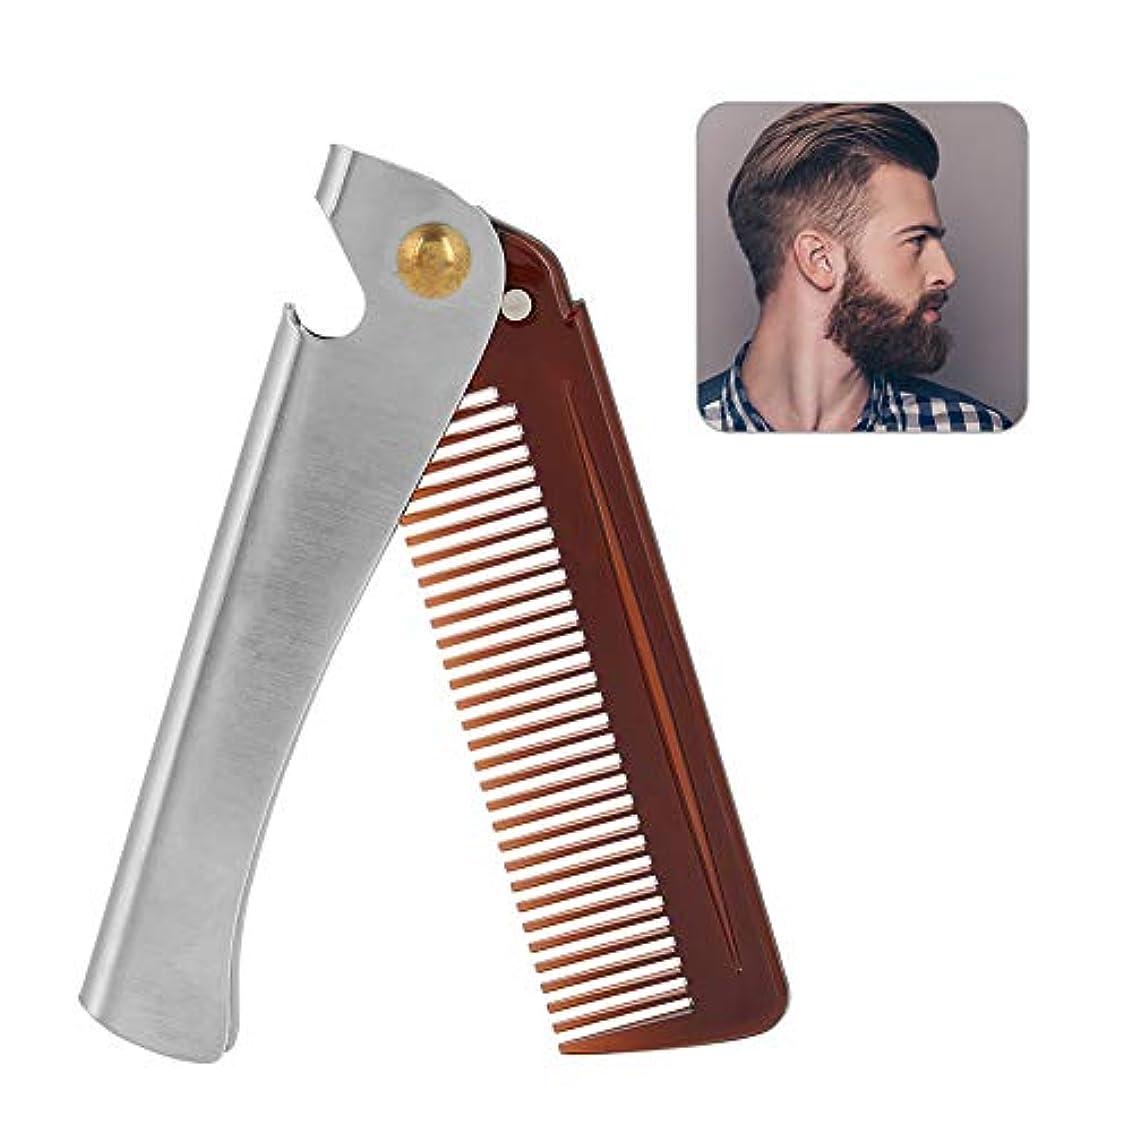 男性用のひげとヘアケア折りたたみ櫛と春押しボタン